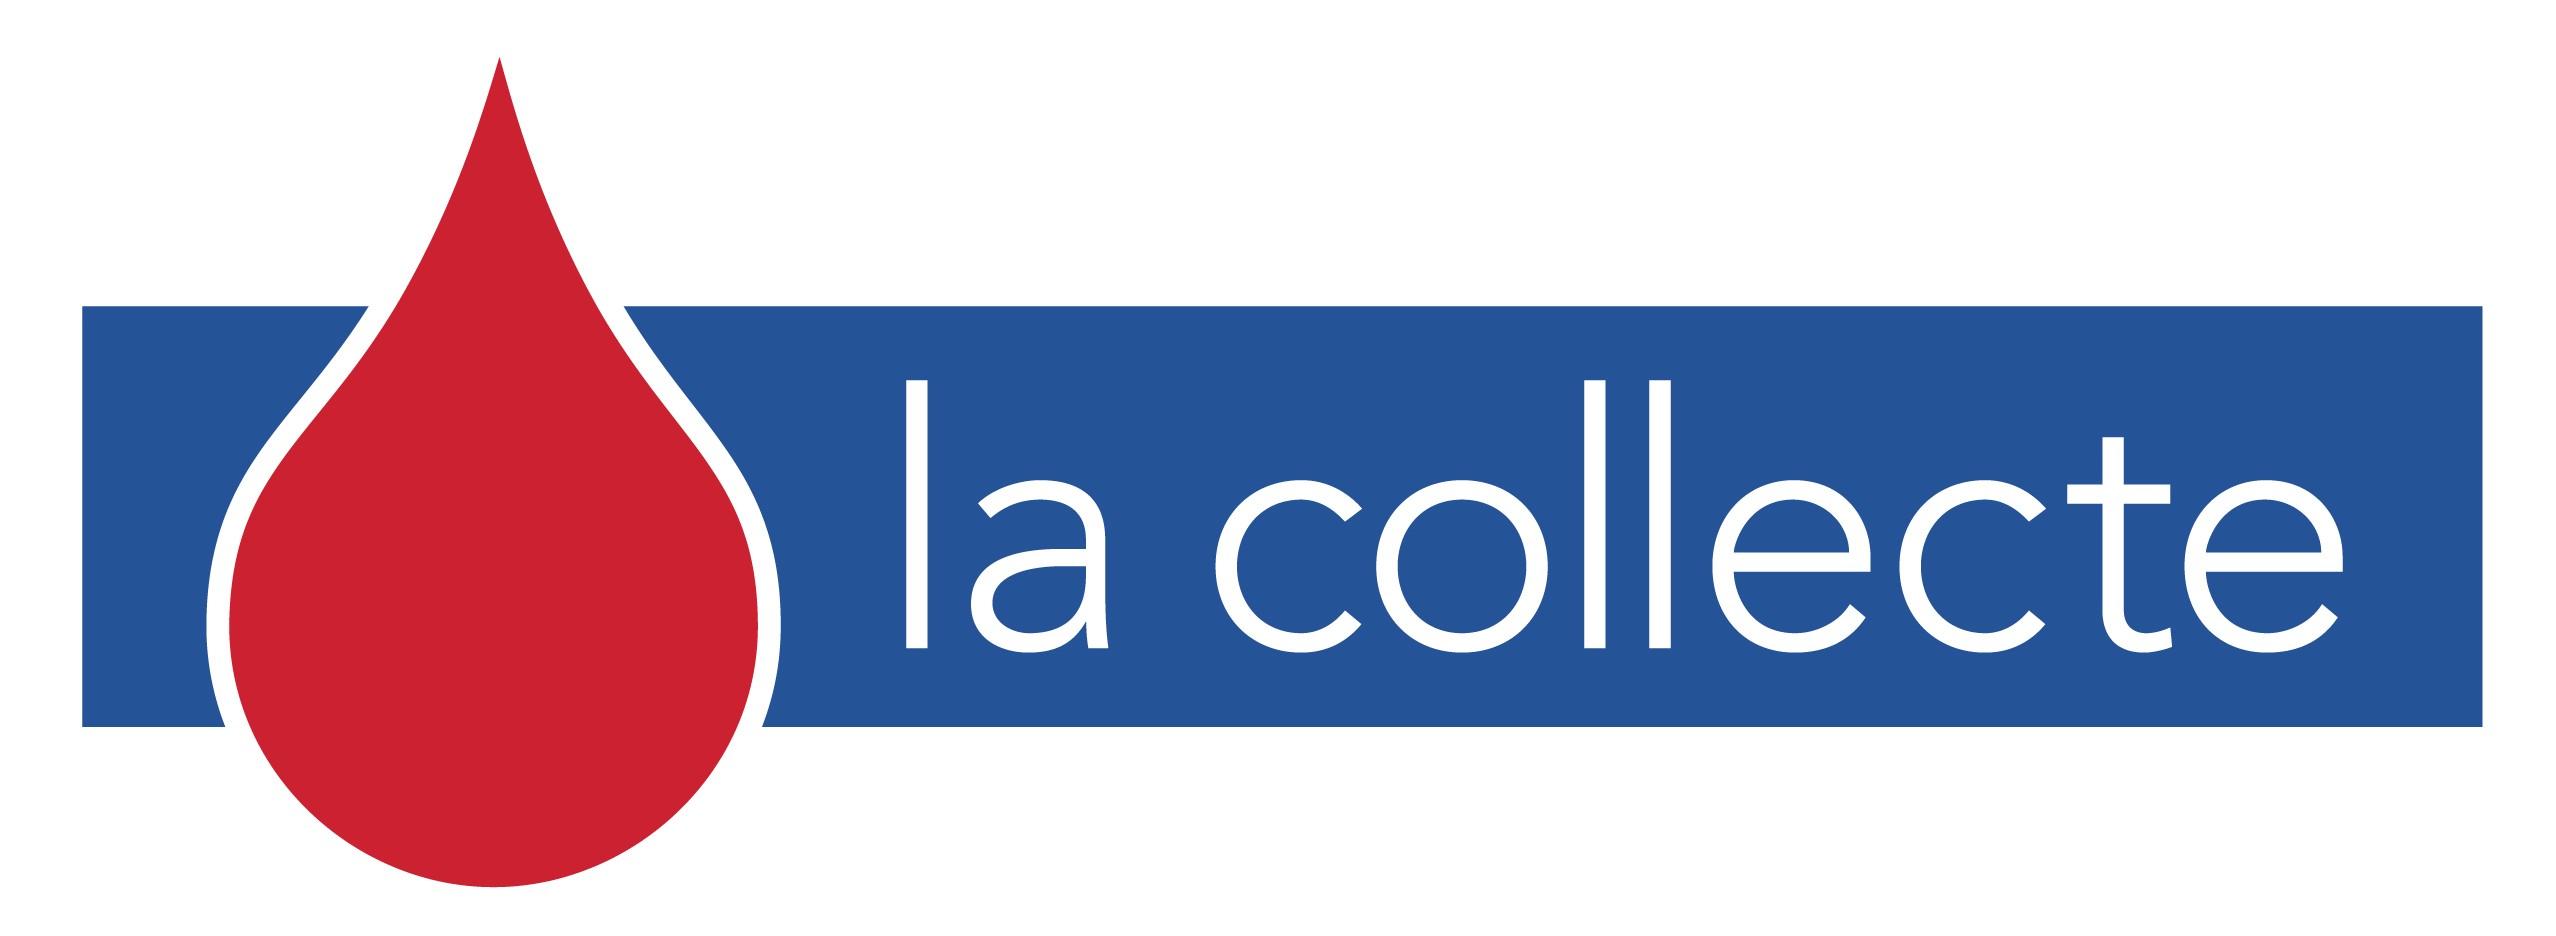 la_collecte_8_5_x_11